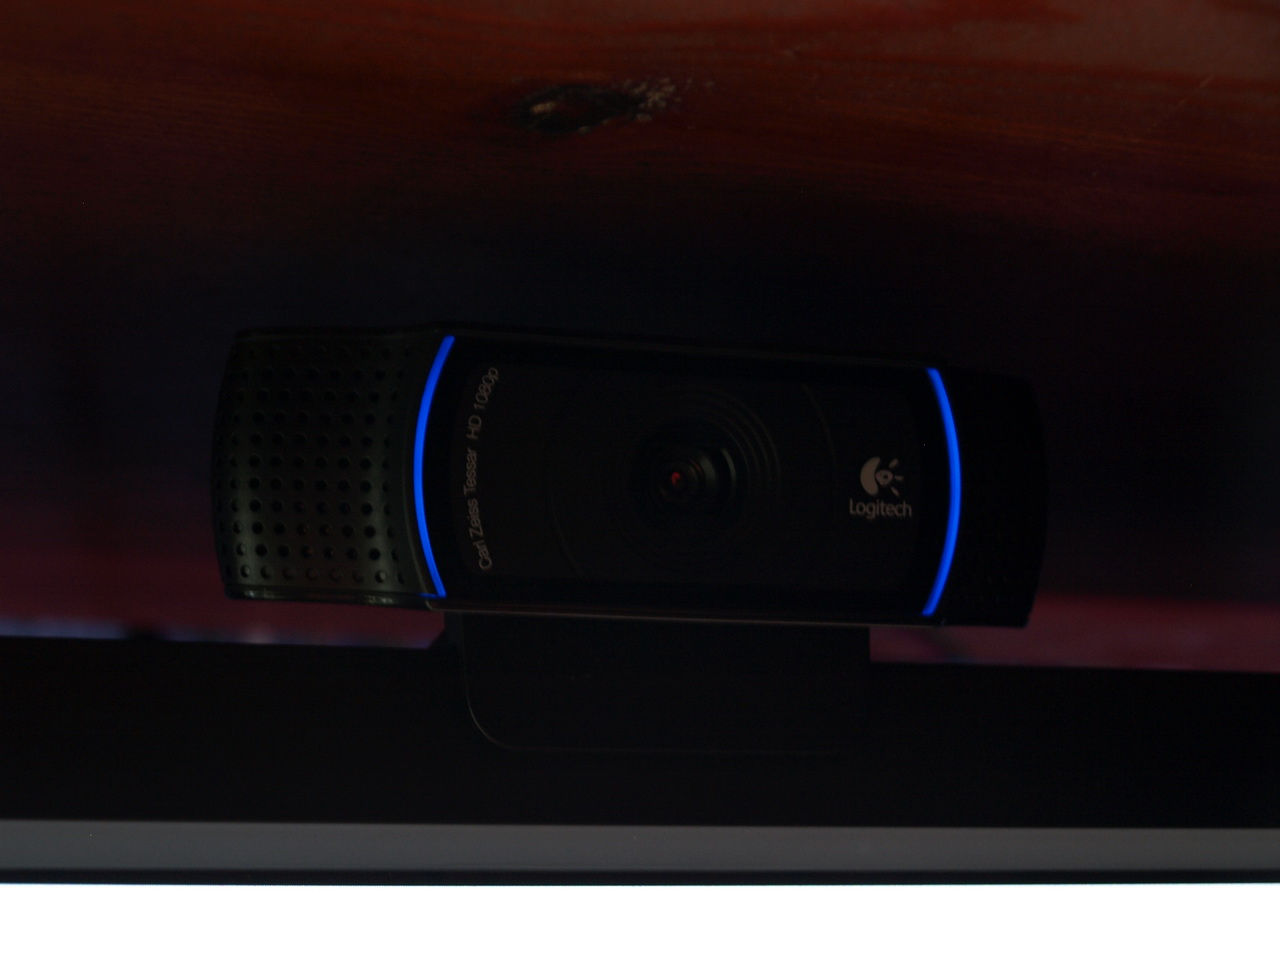 Logitech C920 Hd Pro Webcam Review